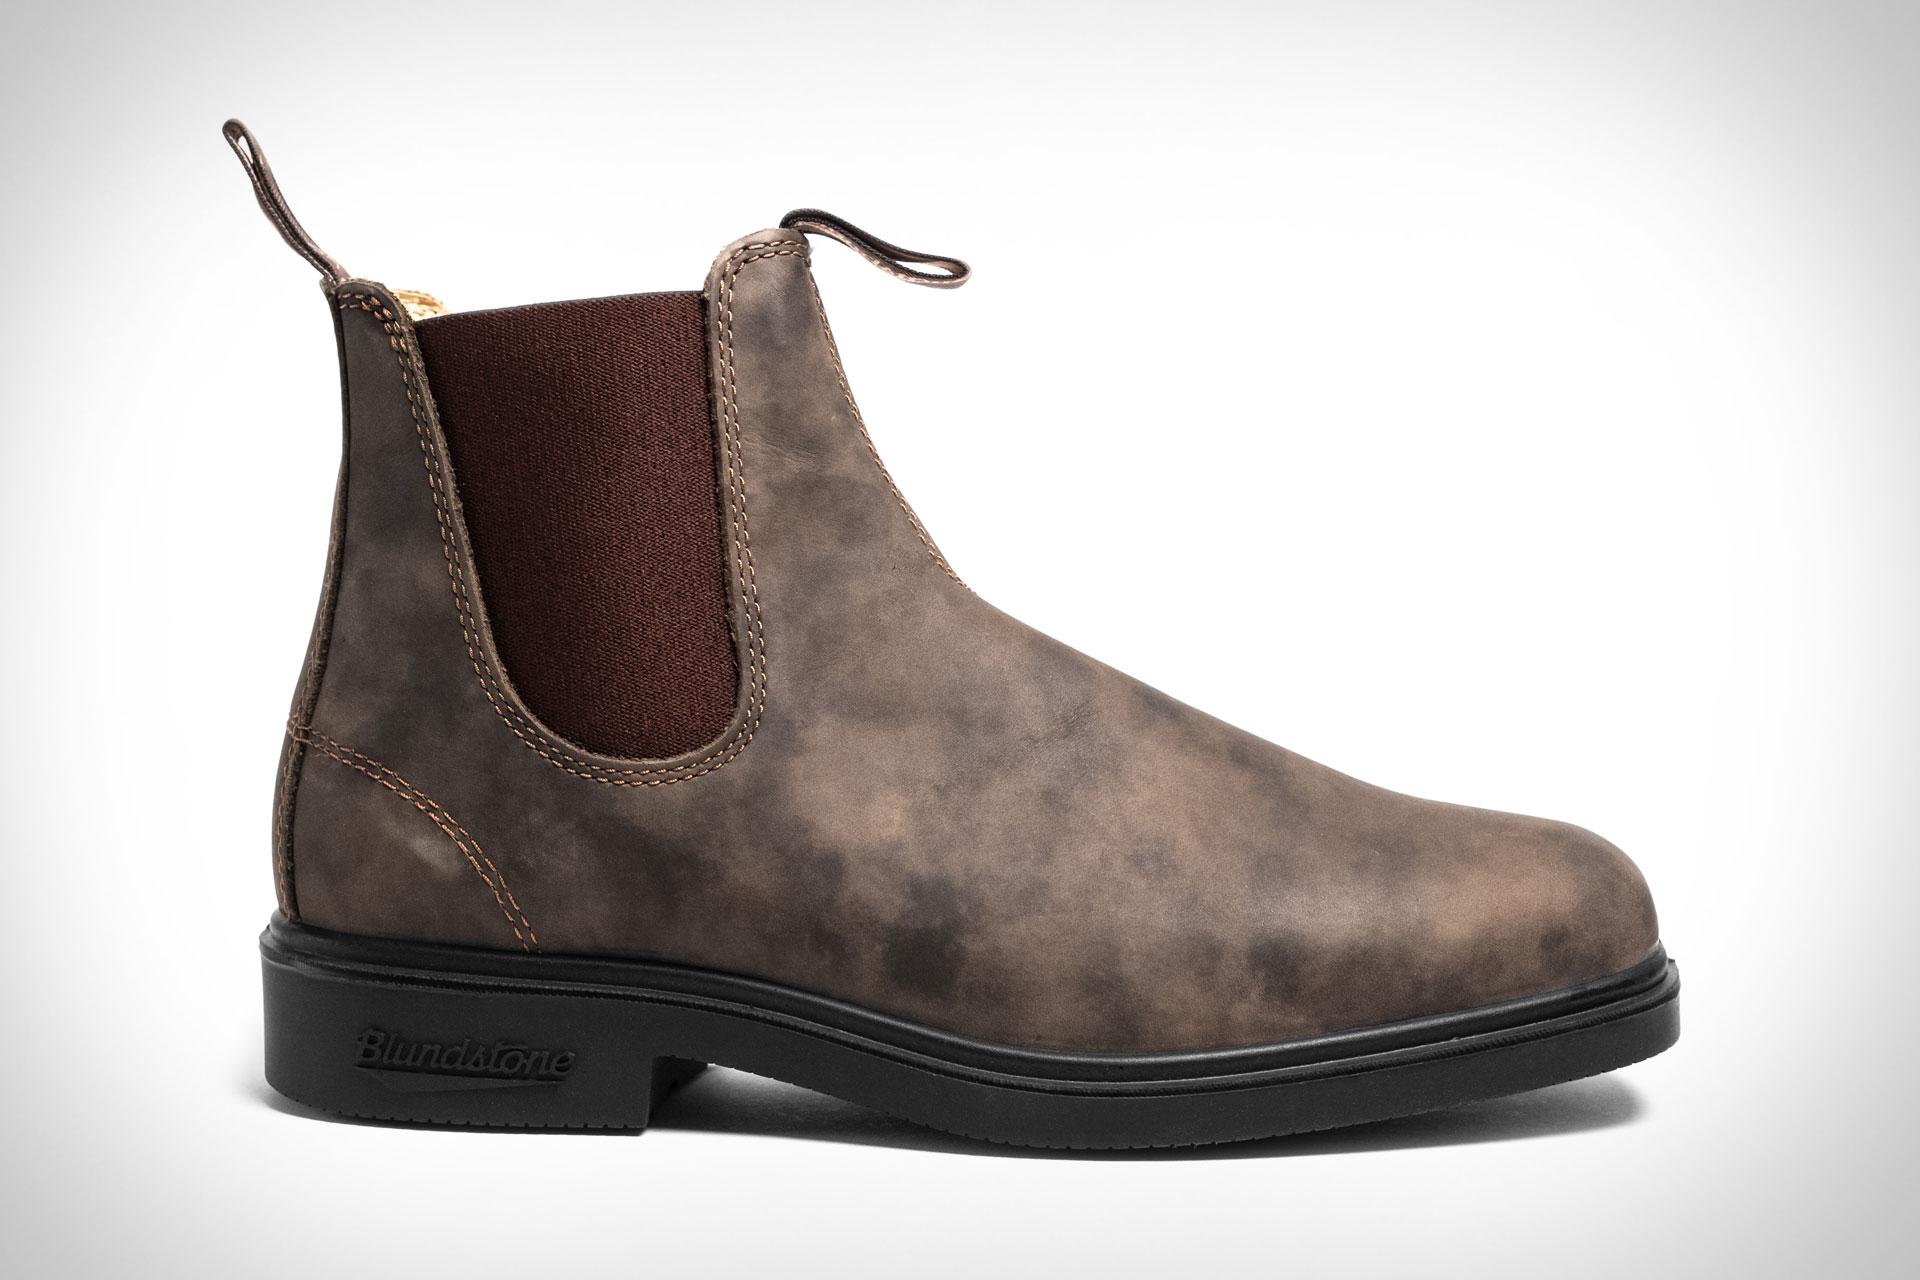 Blundstone Dress Chelsea Boot 1306